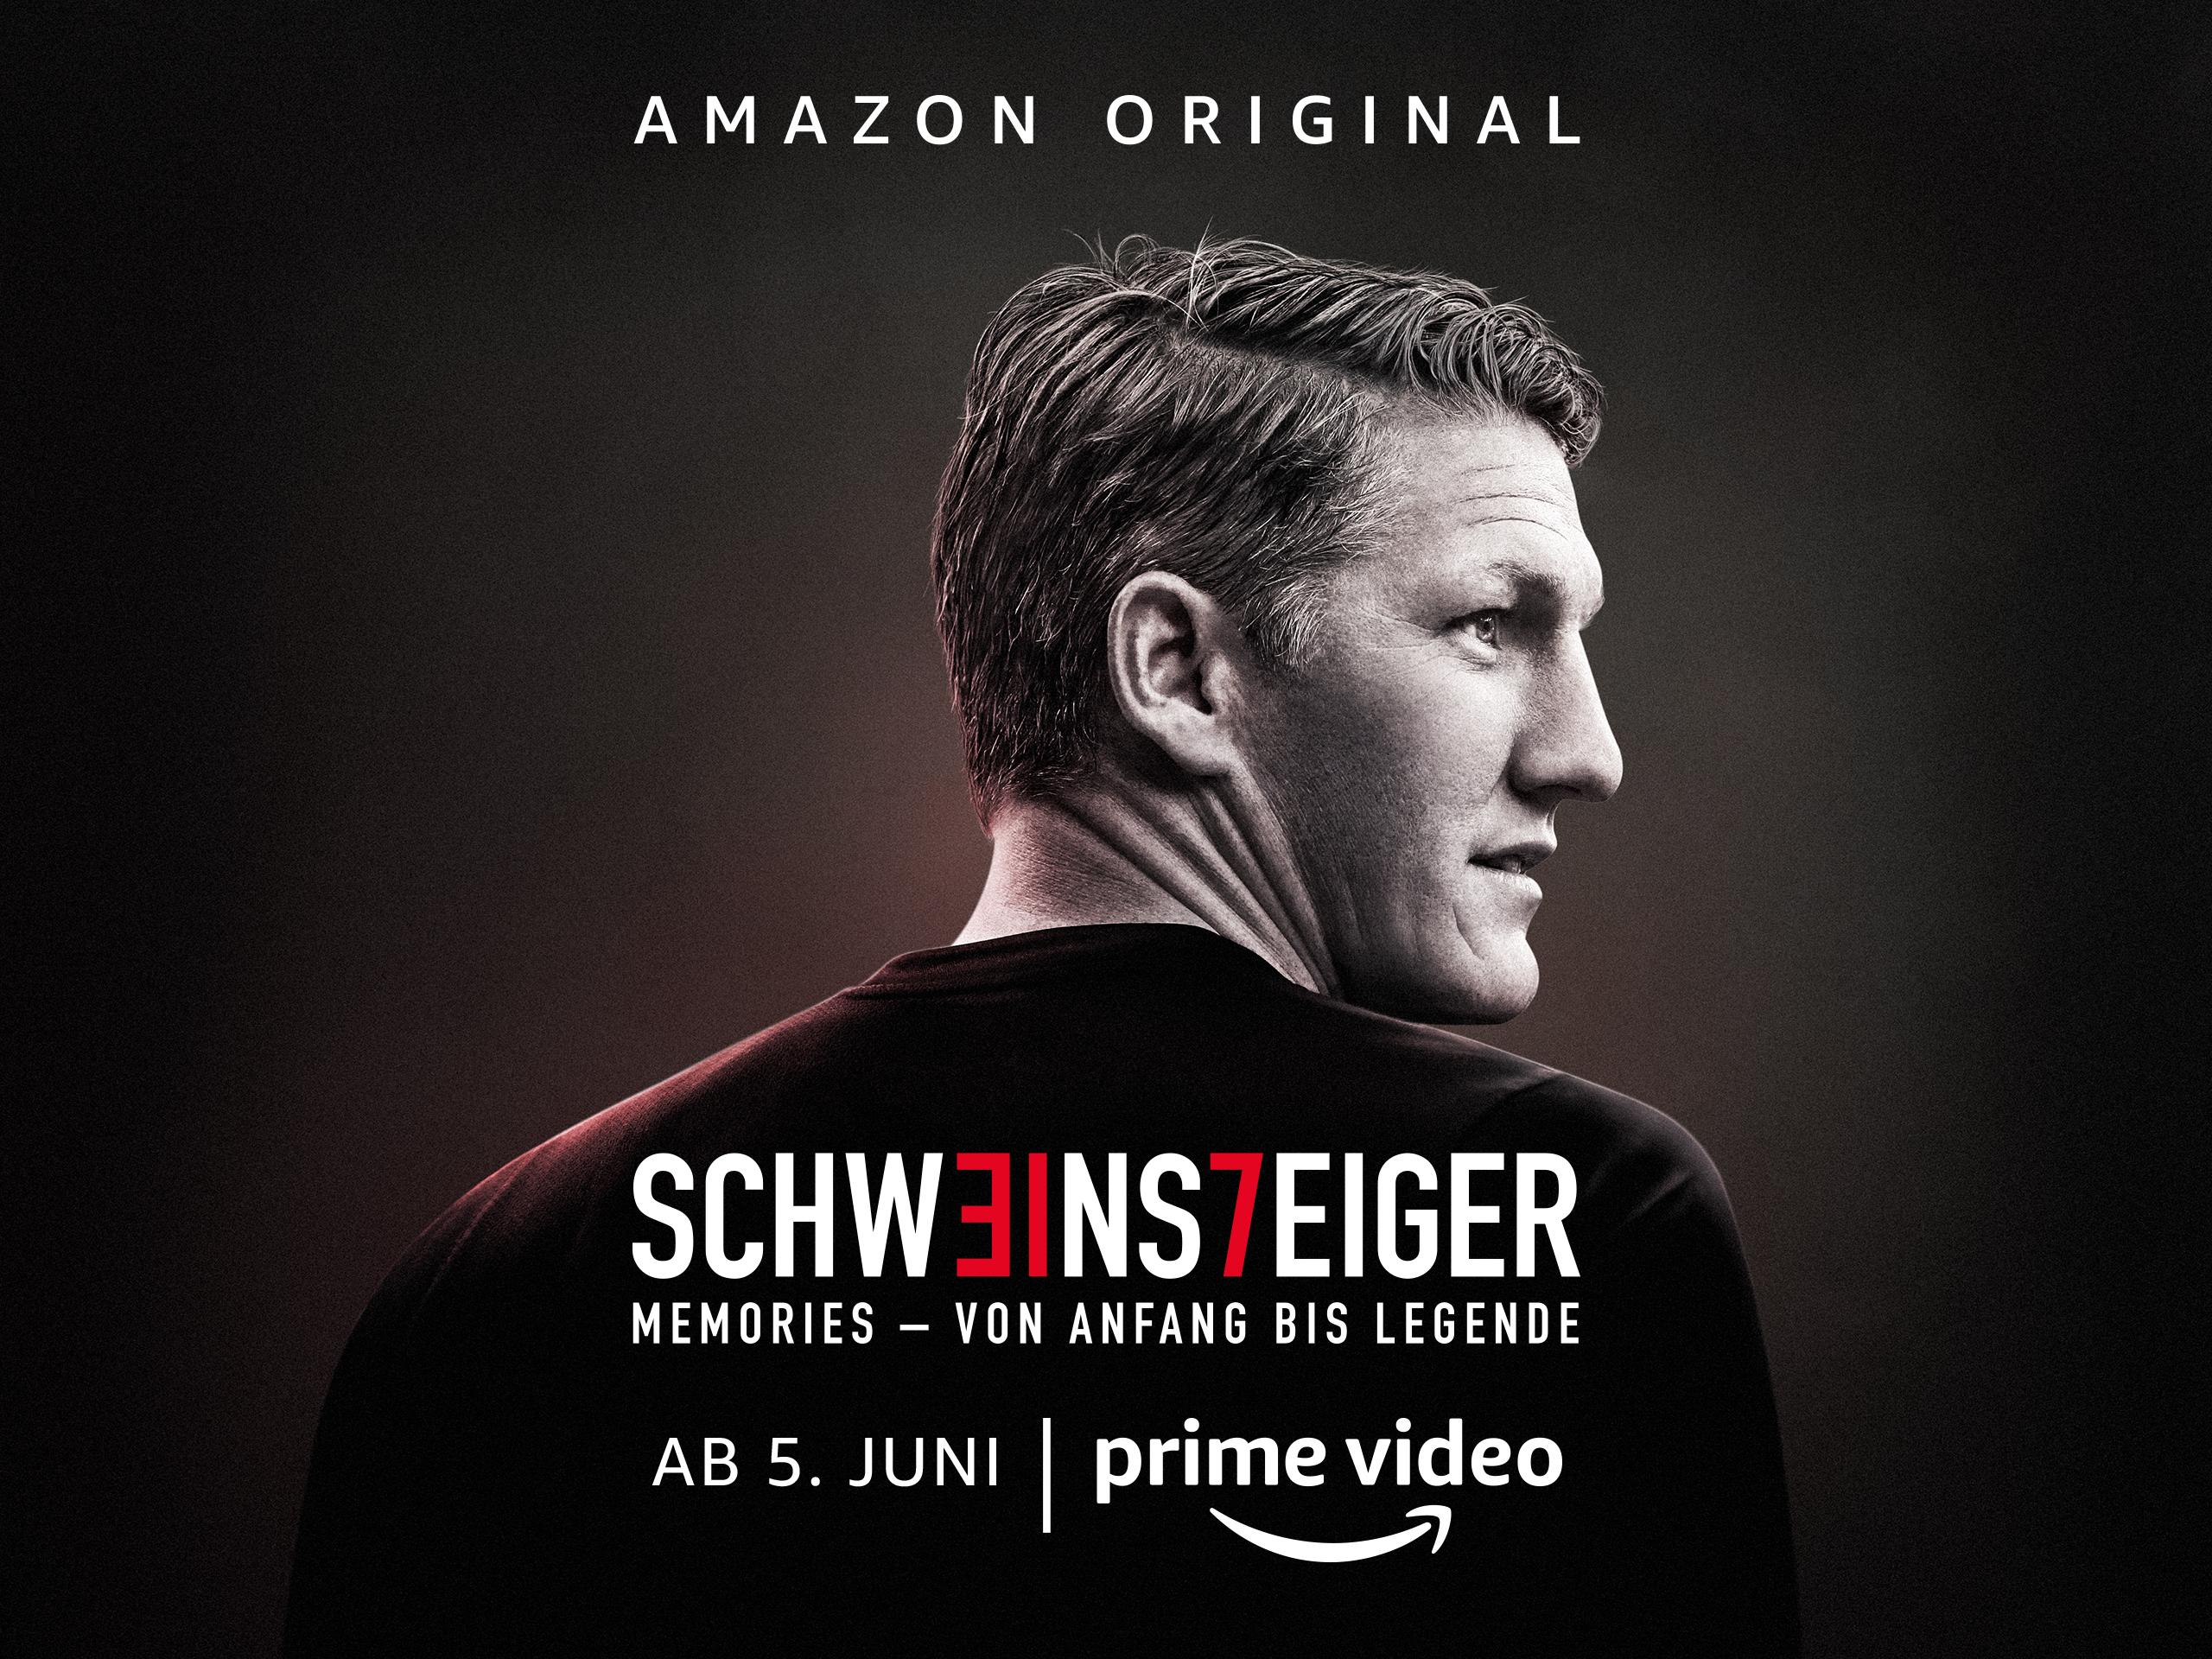 Schweinsteiger Memories – Ha szereted a labdarúgást, kötelező megnézned